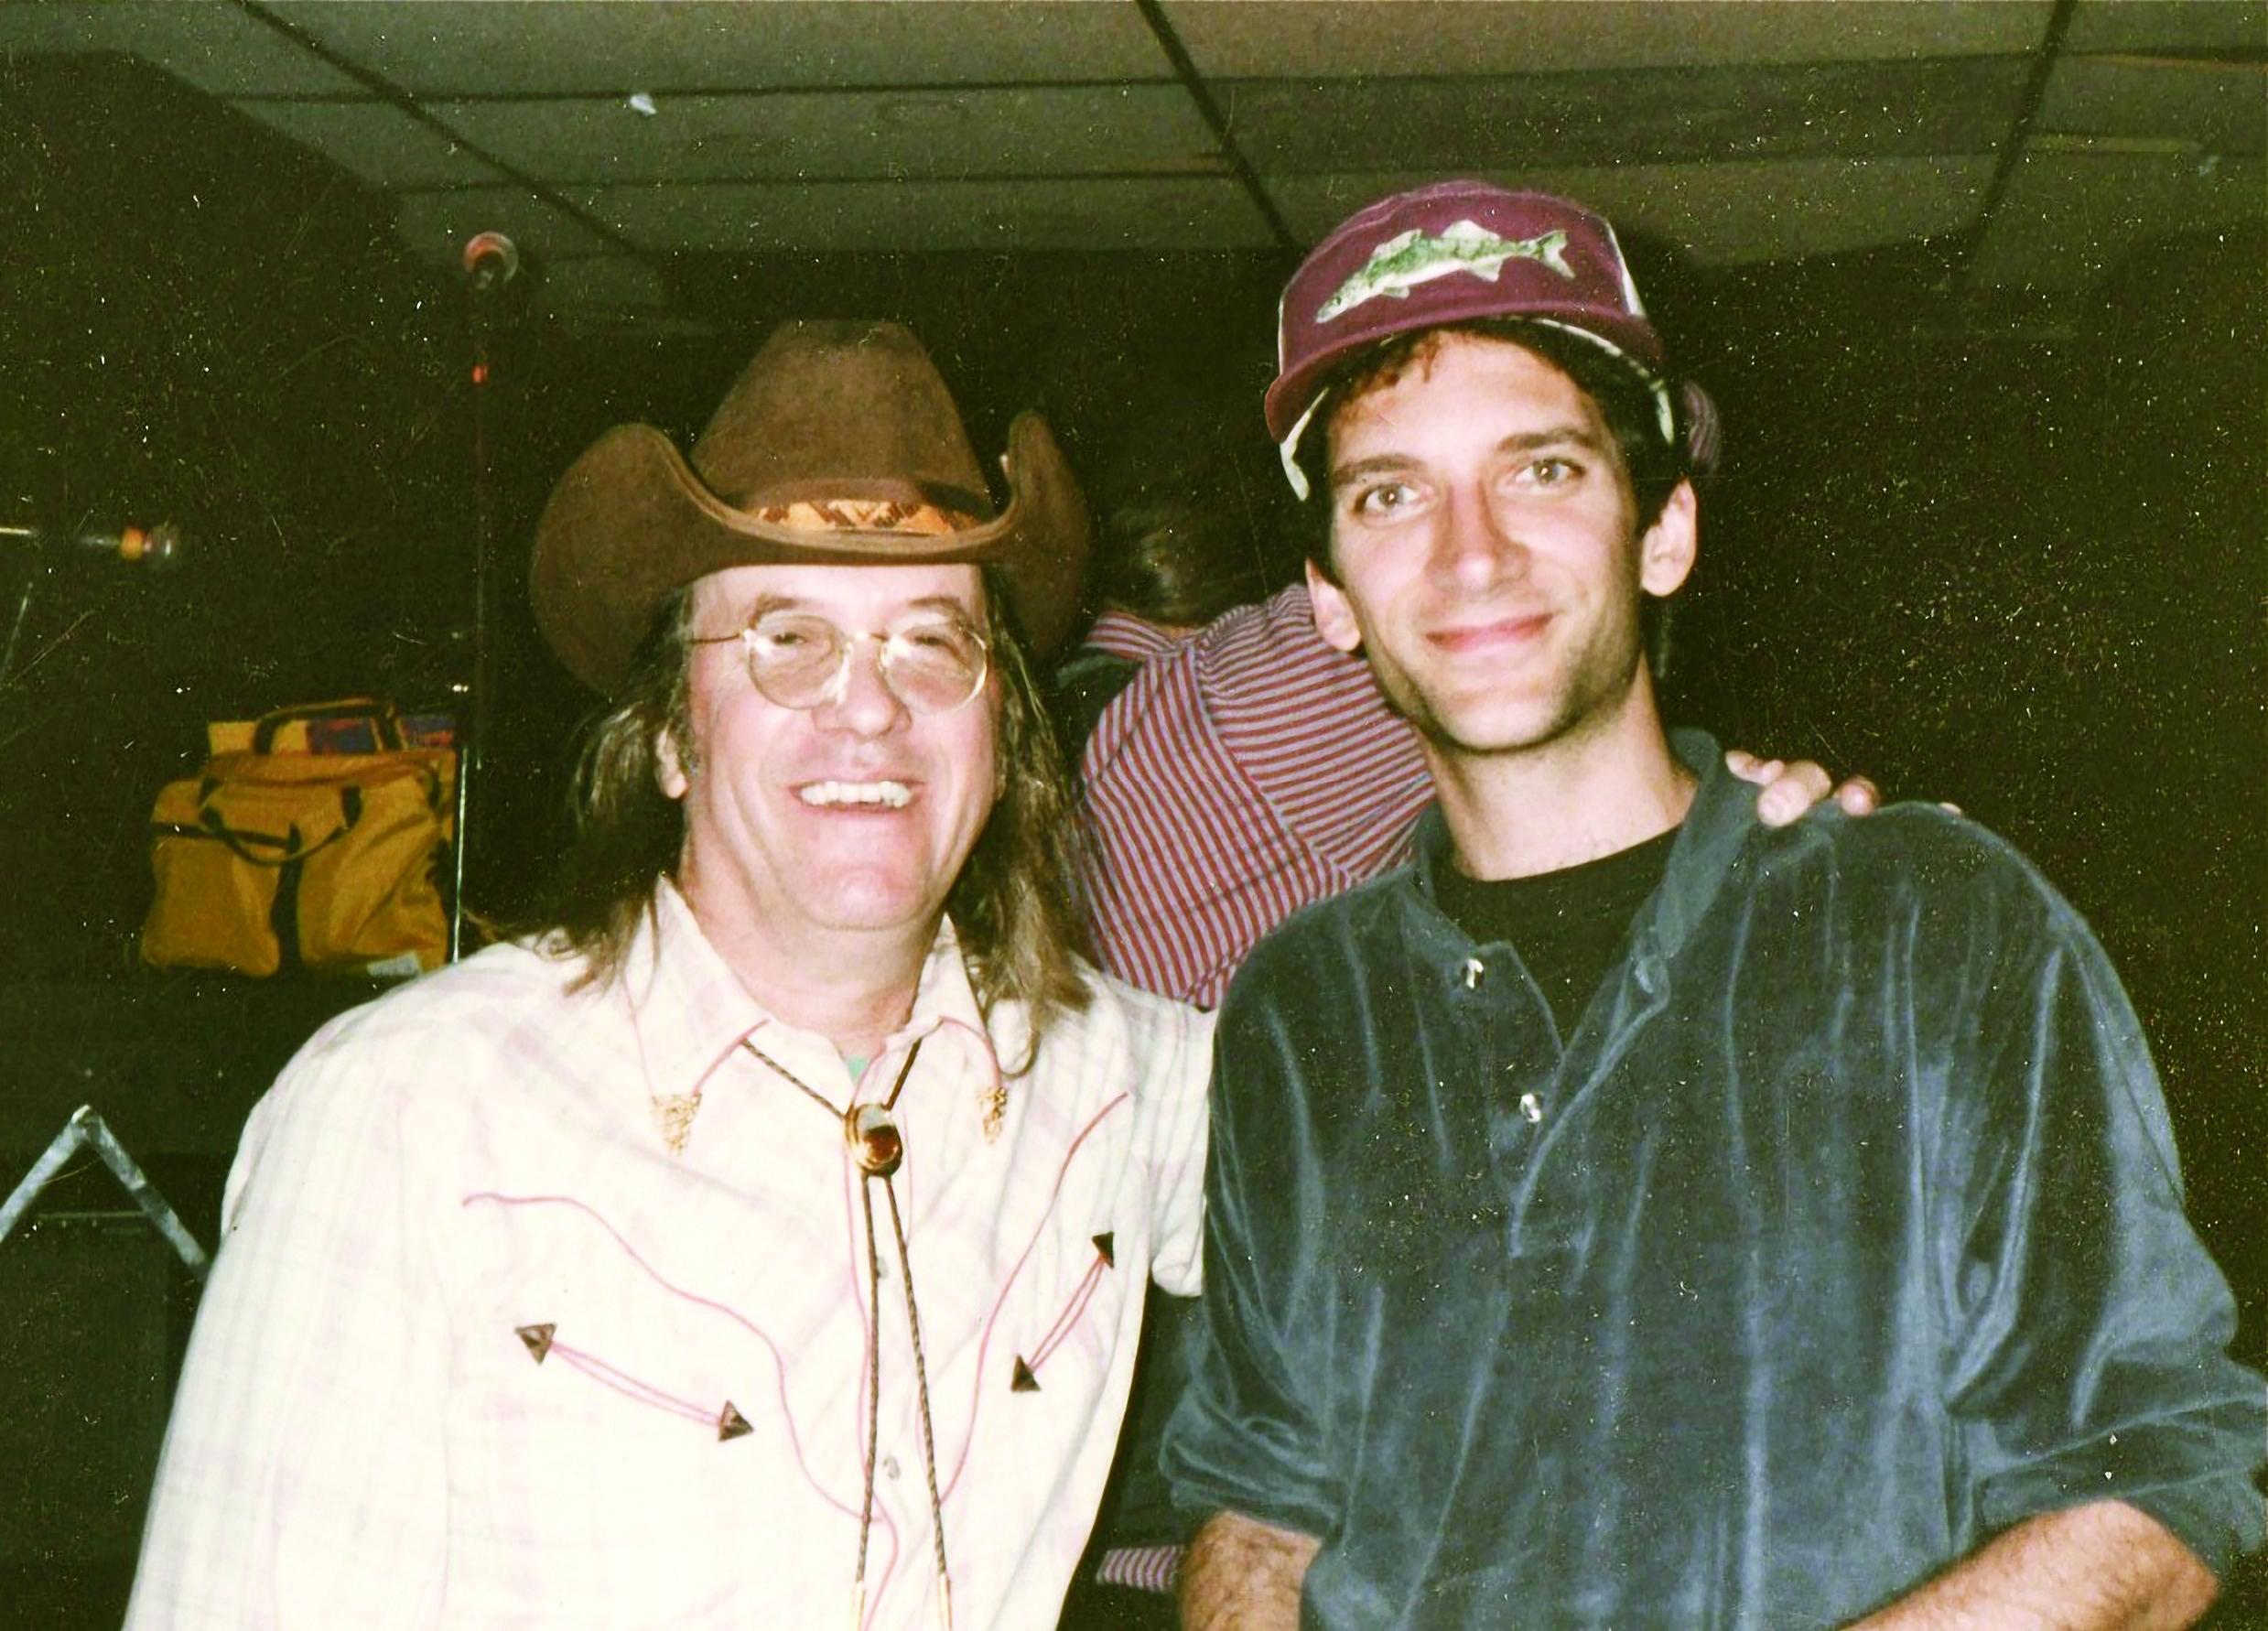 Ben Vaughn and Doug Sahm